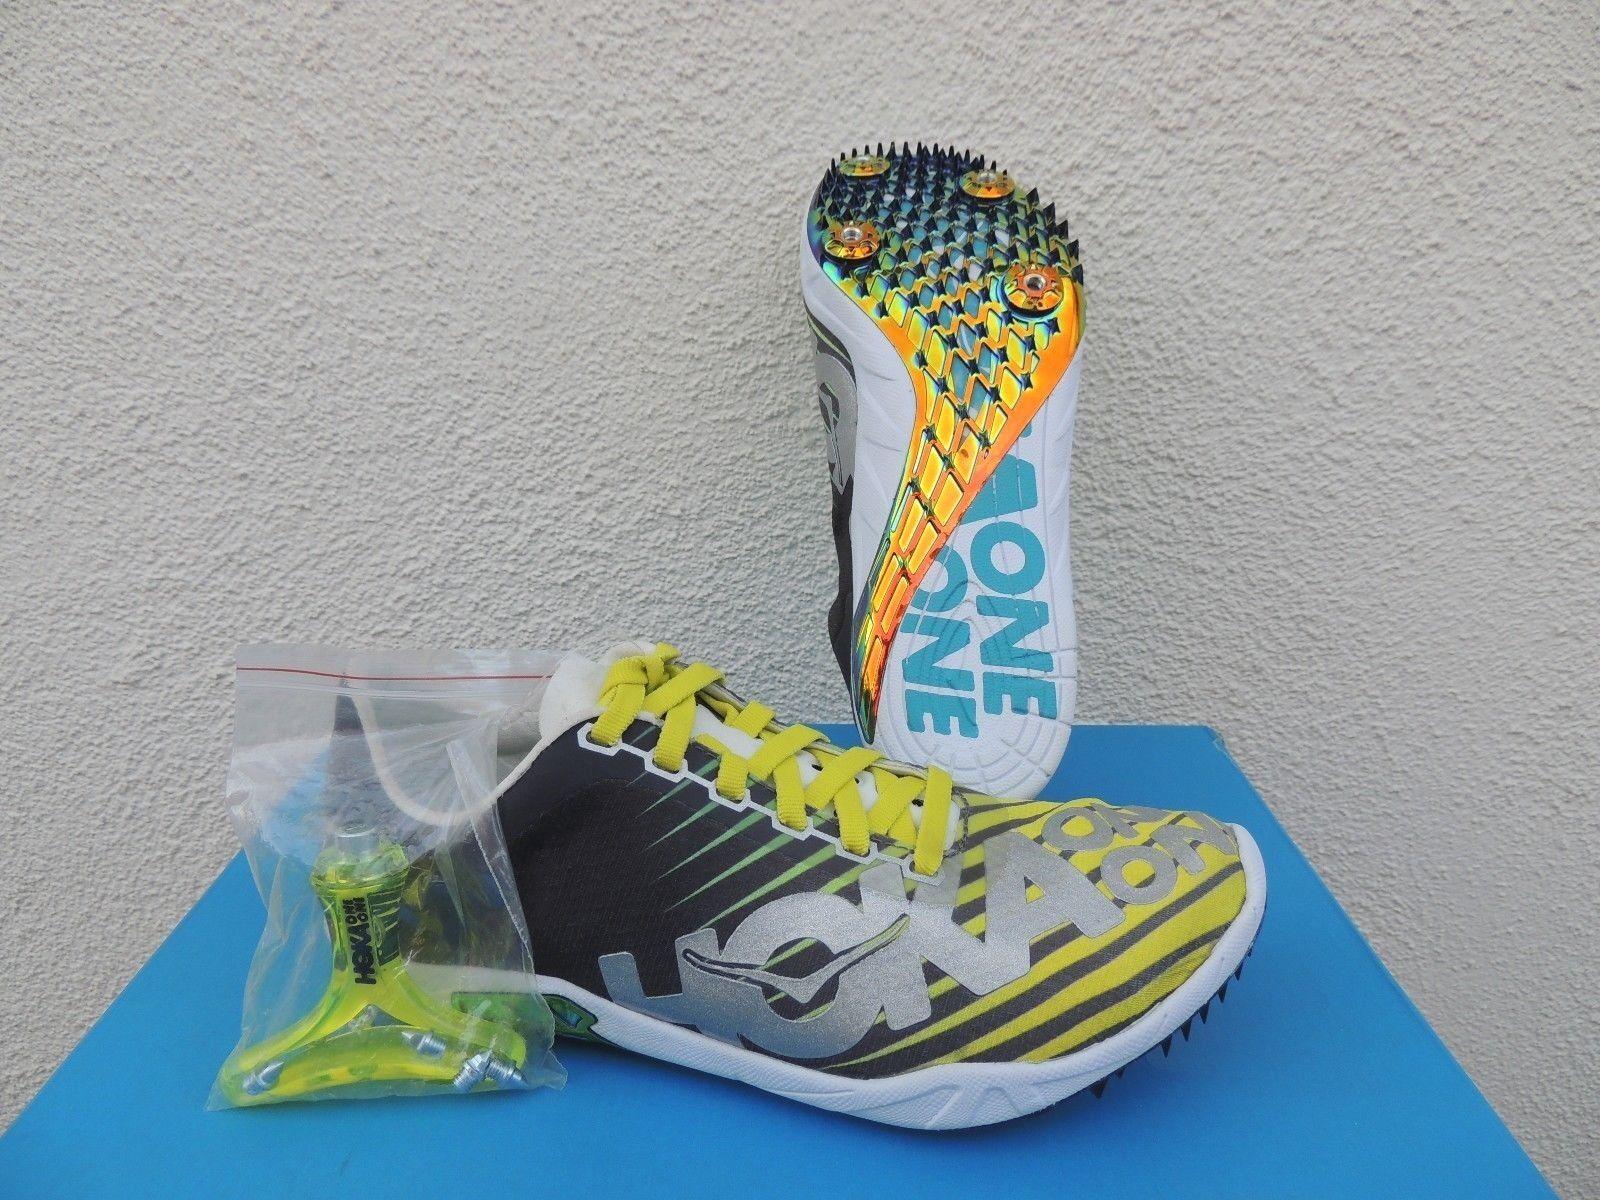 Hoka One One velocidad Evo Rio Picos De Zapatos Para Correr, De Mujer EE. UU. 9 41 1 3 euros  Nuevo